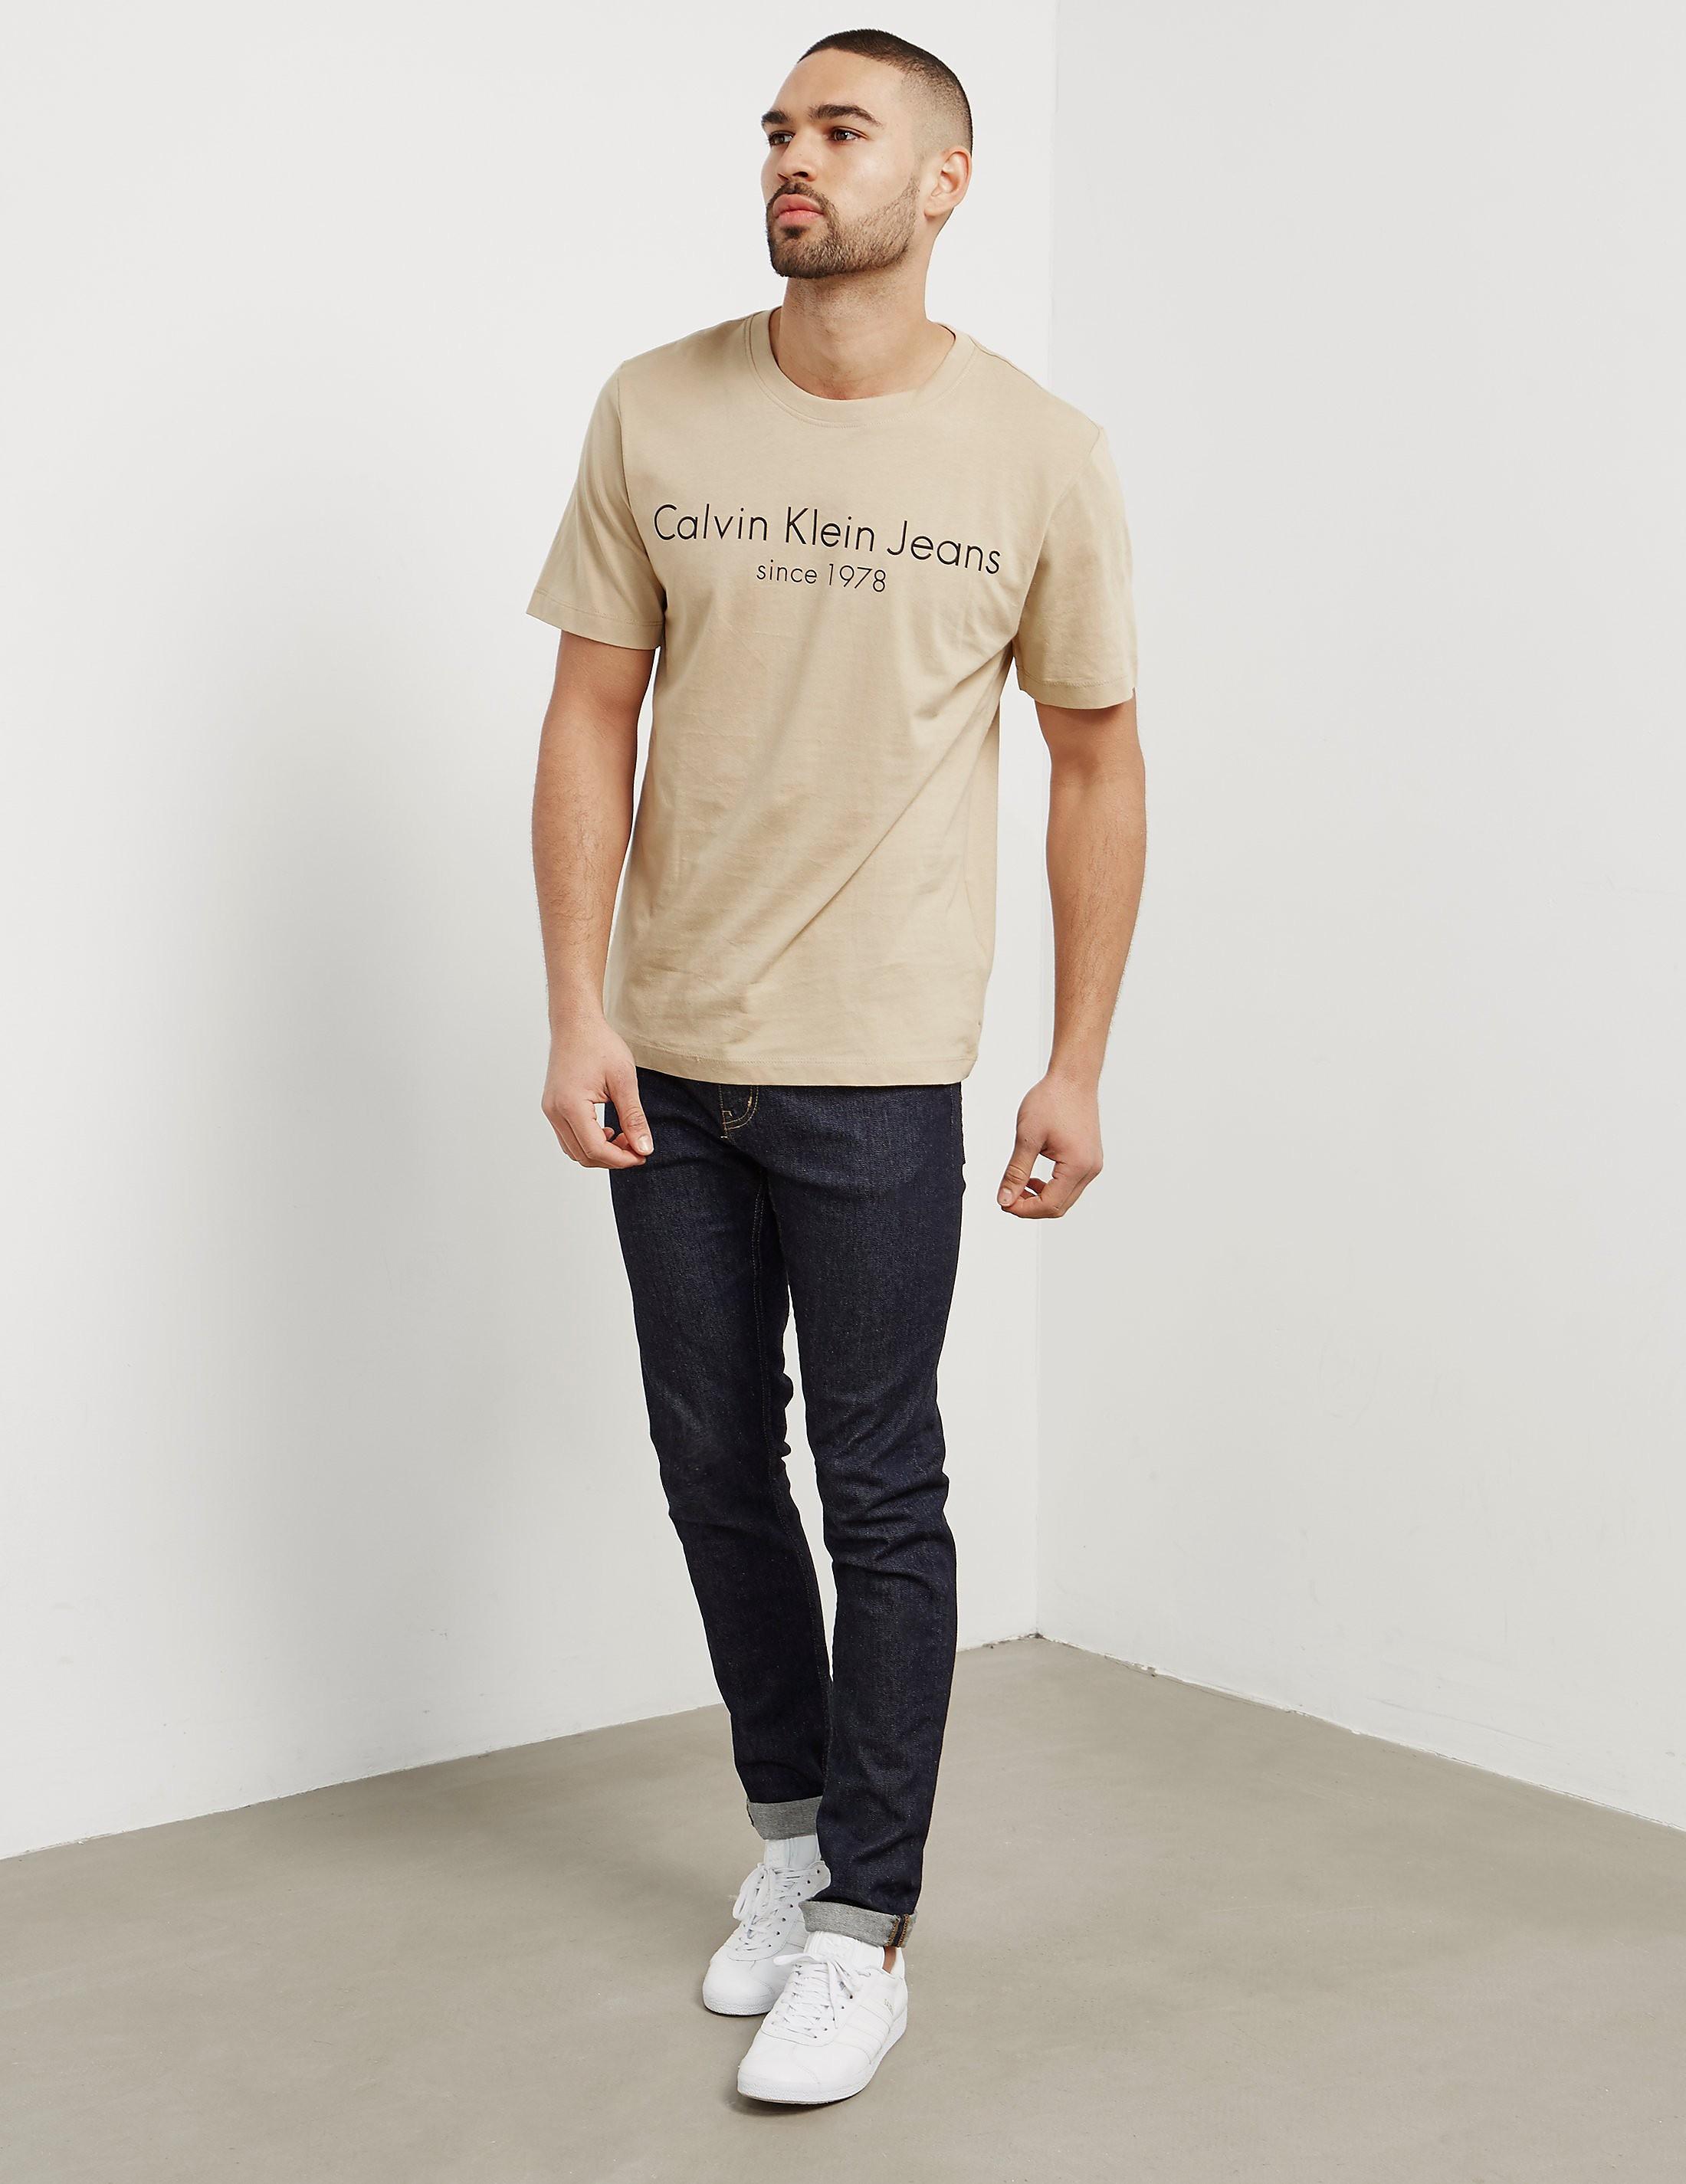 Calvin Klein Treavik Short Sleeve T-Shirt